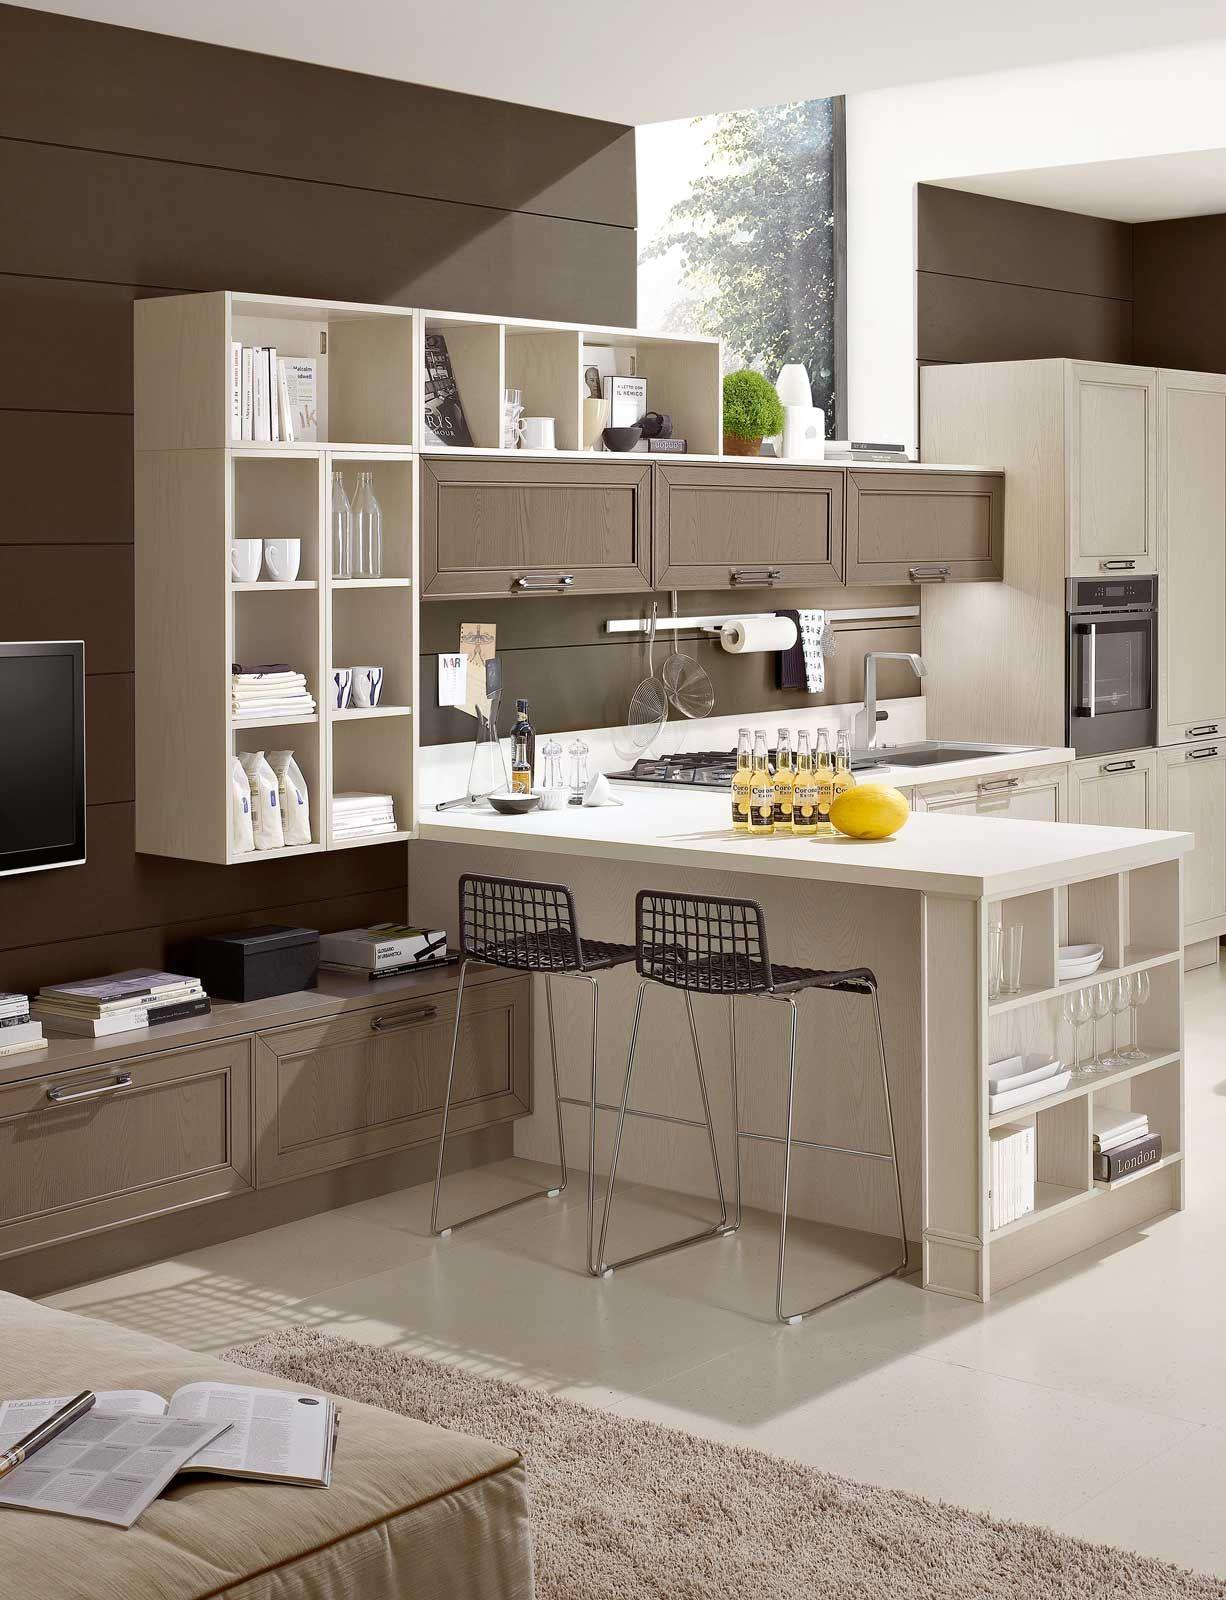 Cucine con la penisola un elemento che divide ma soprattutto unisce arrediamo pinterest - Progettare la propria casa ...